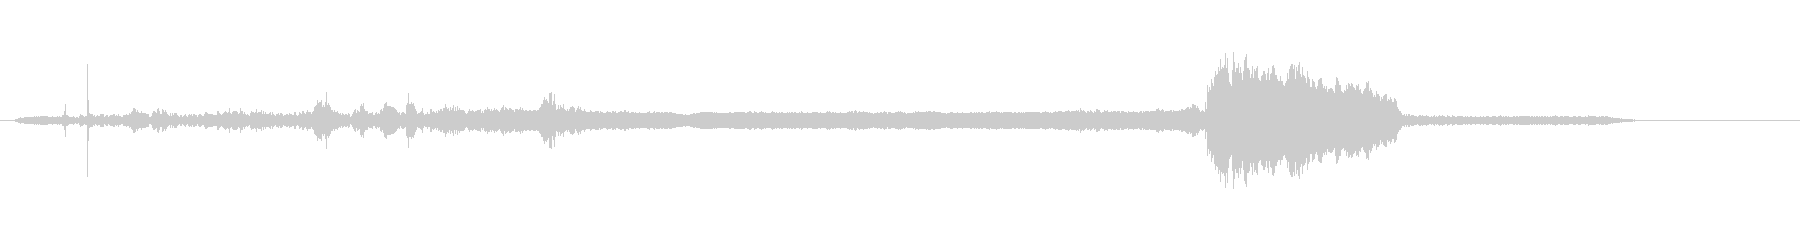 エレベーターライドインテリア-モー...の未再生の波形